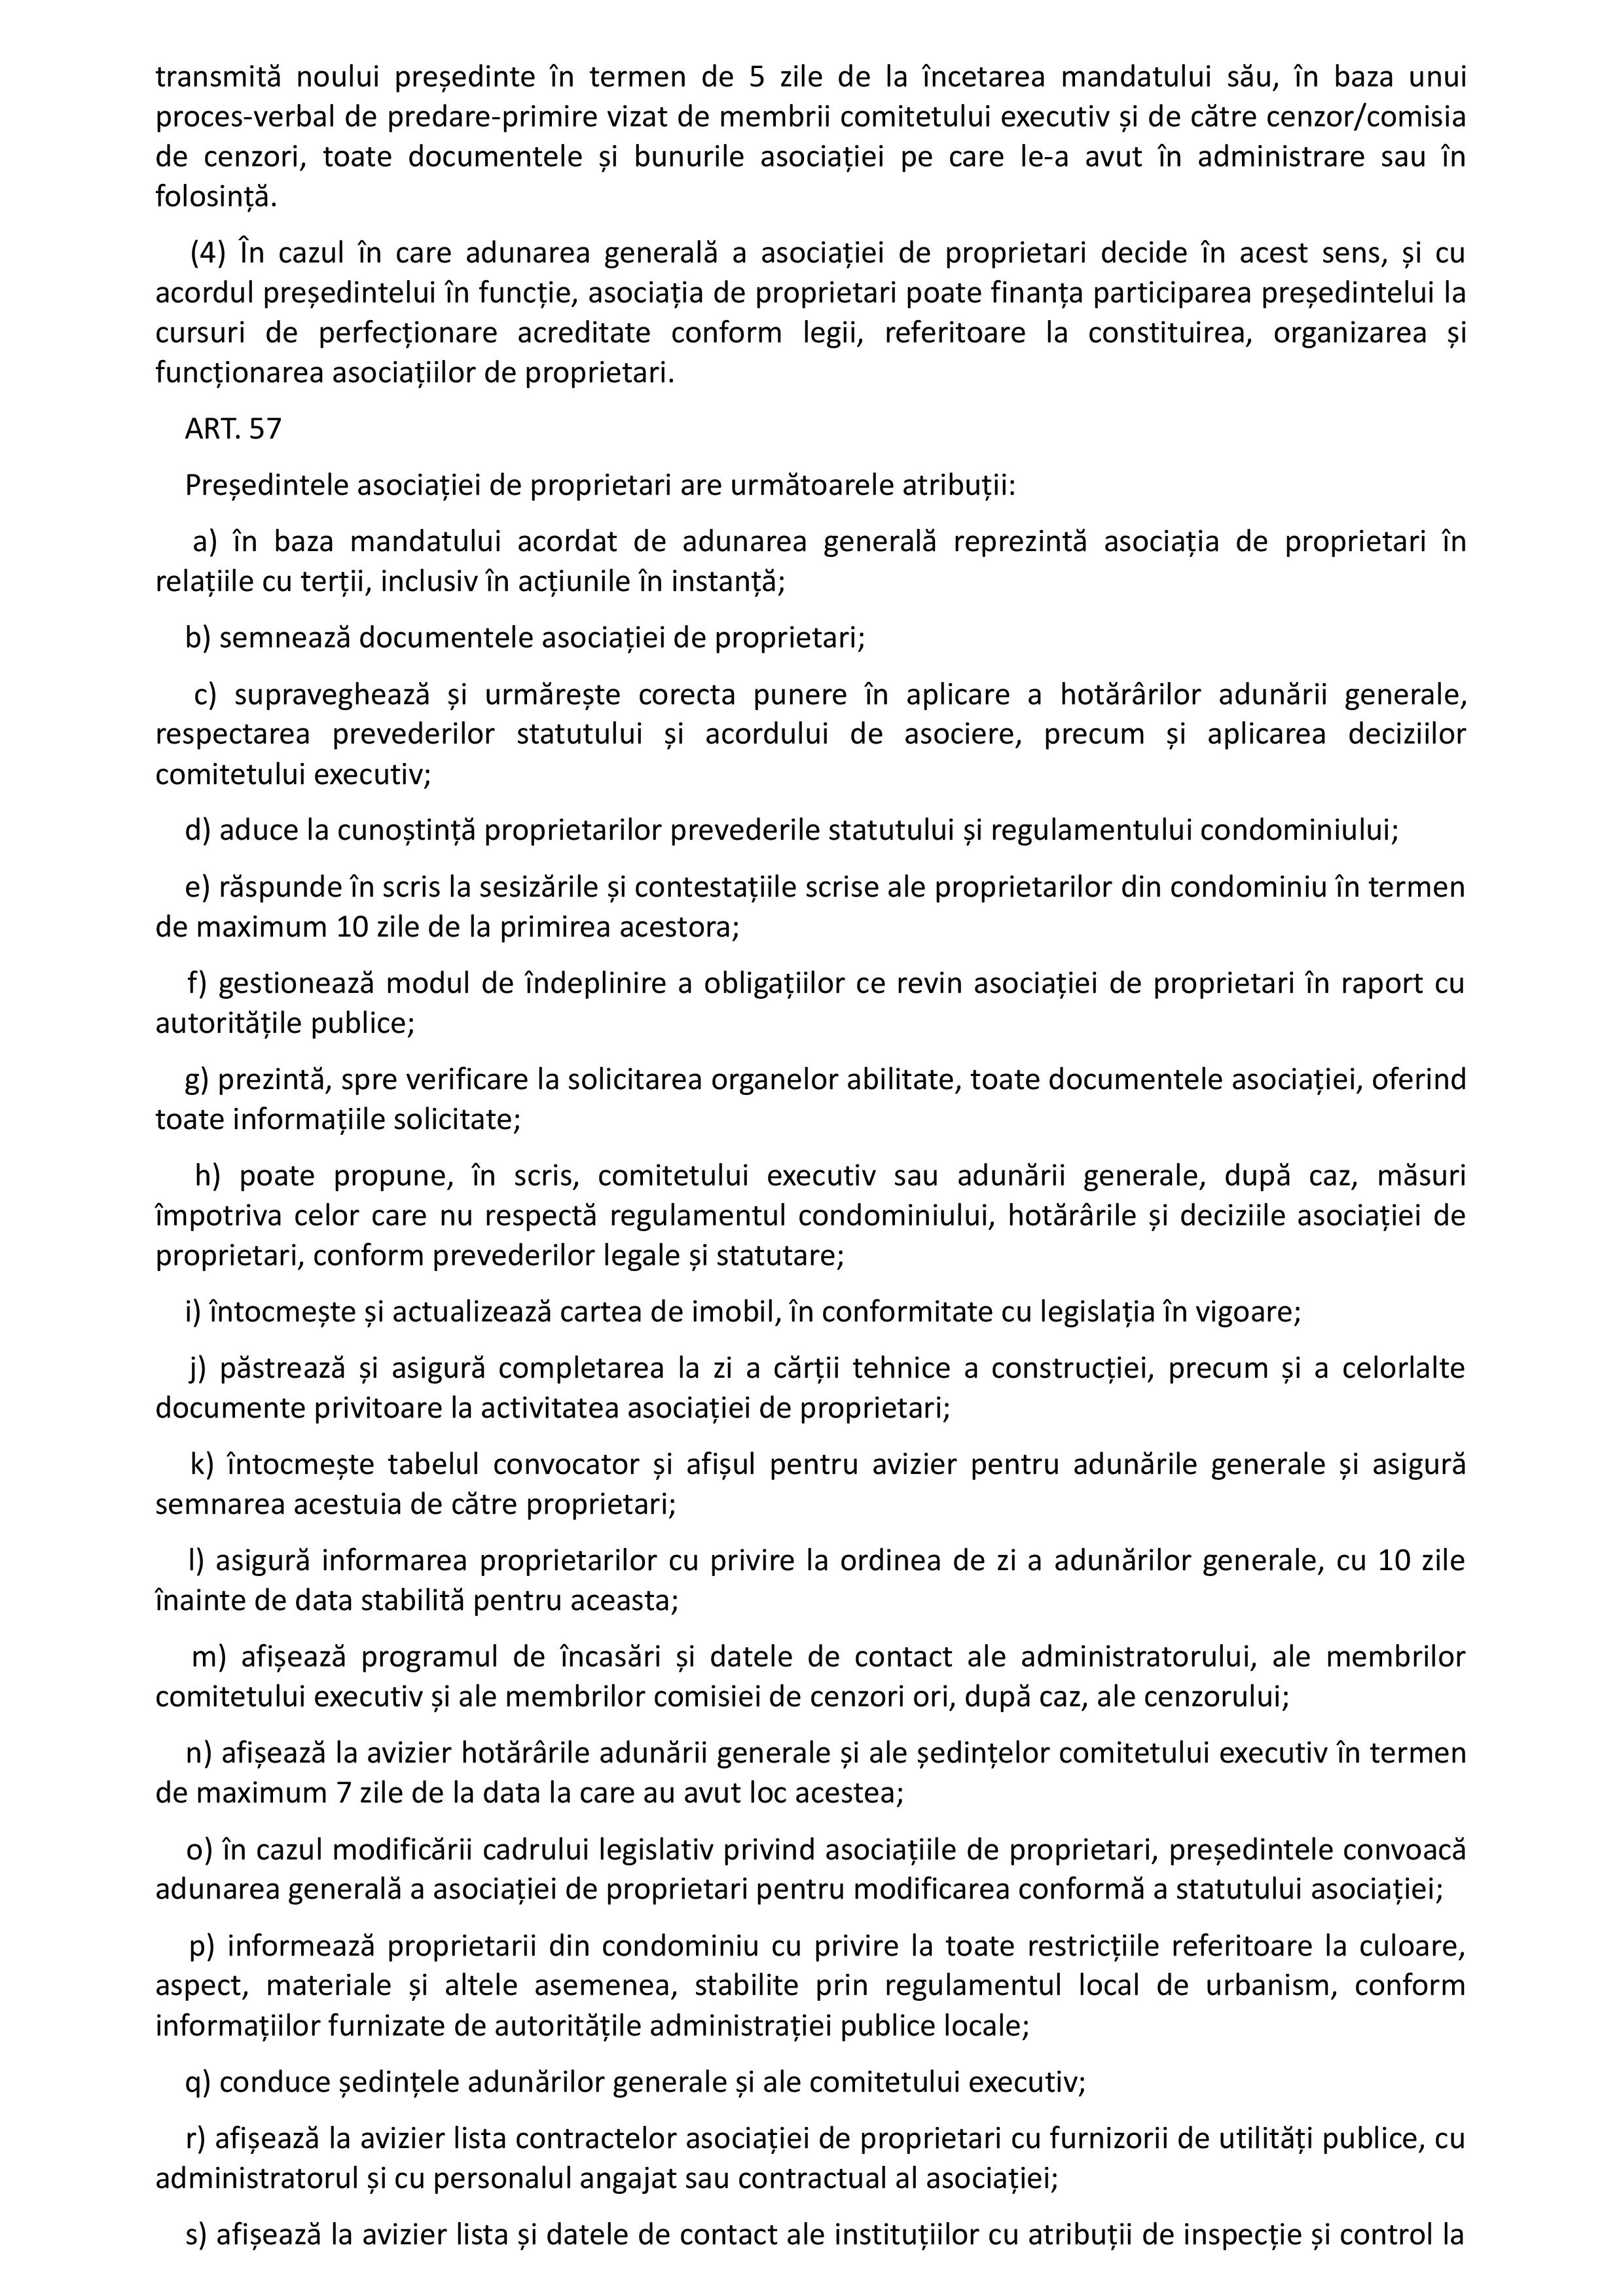 Pagina 23 - LEGE Nr. 196/2018 din 20 iulie 2018 privind înființarea, organizarea și...